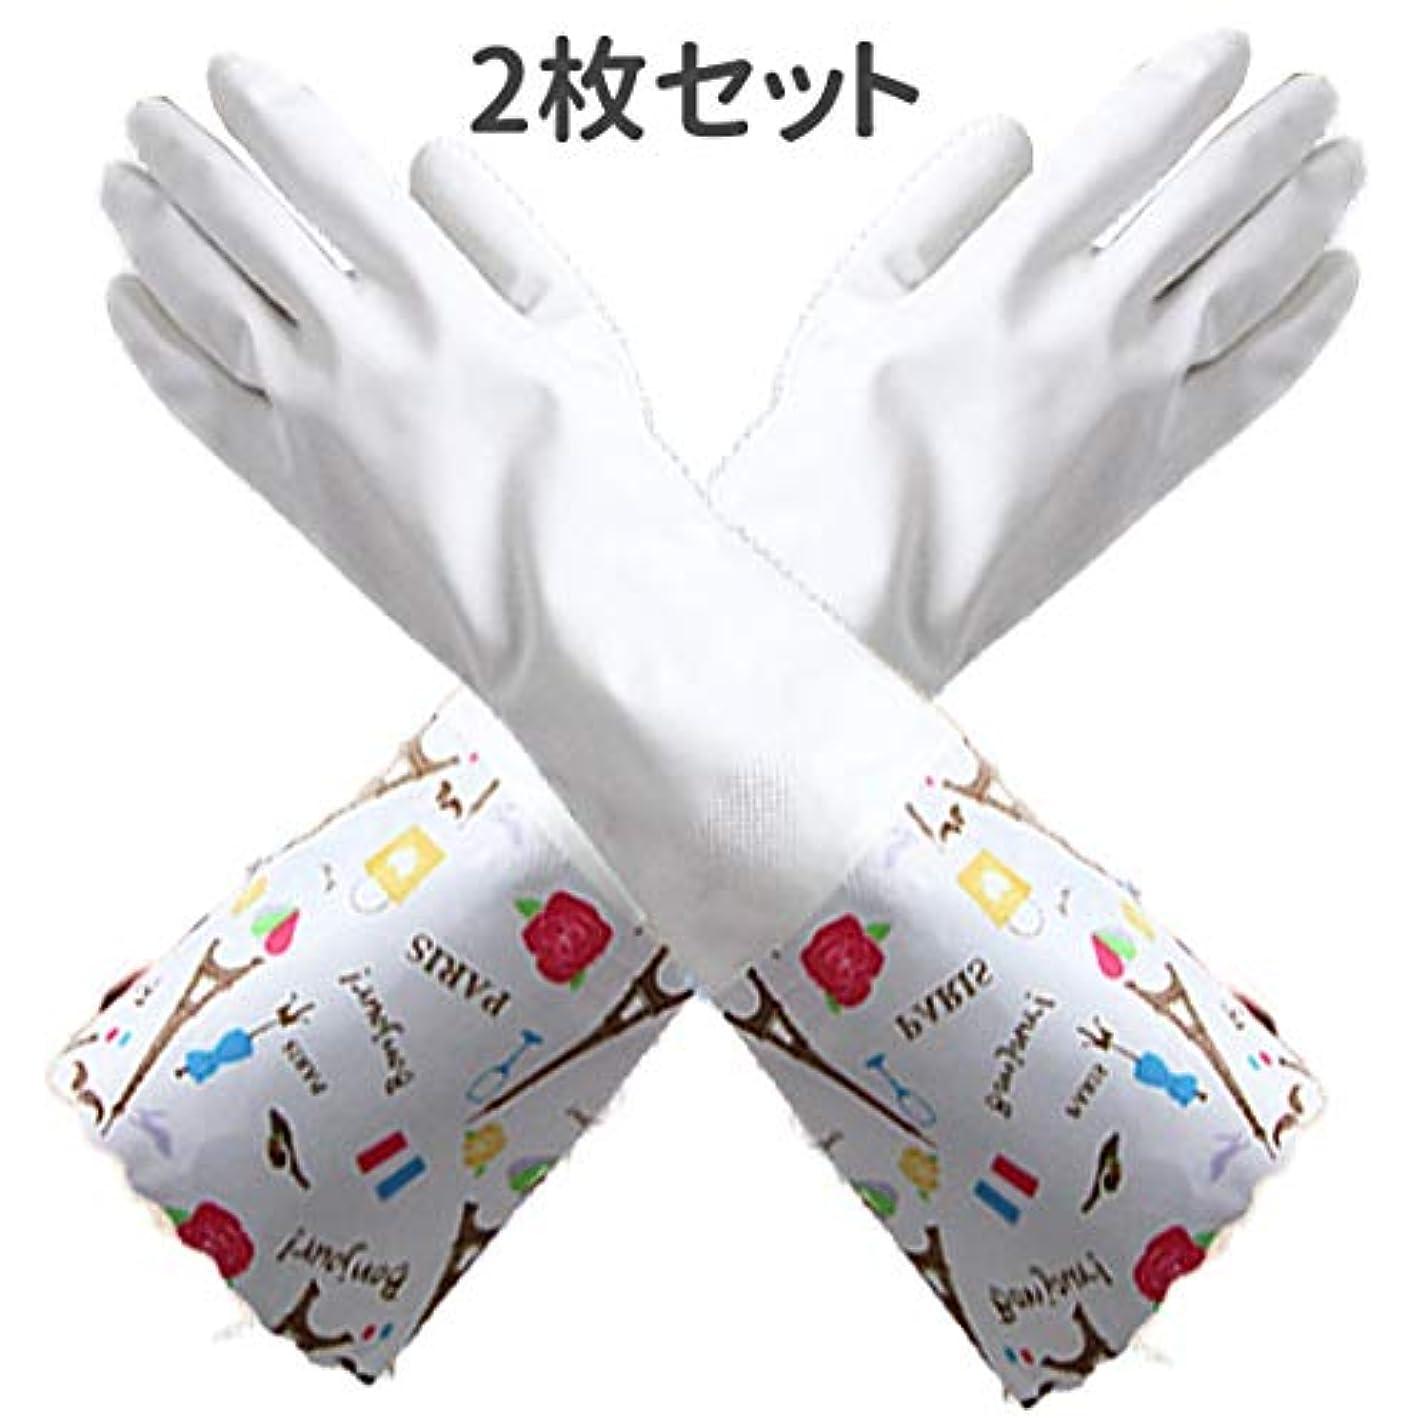 孤児腐った借りているゴム手袋 左右2枚セット 洗い物 お風呂 車 掃除 介護 ペット のお世話 排水溝 や 作業 用 可愛い手袋 【LSU】 (ホワイト)